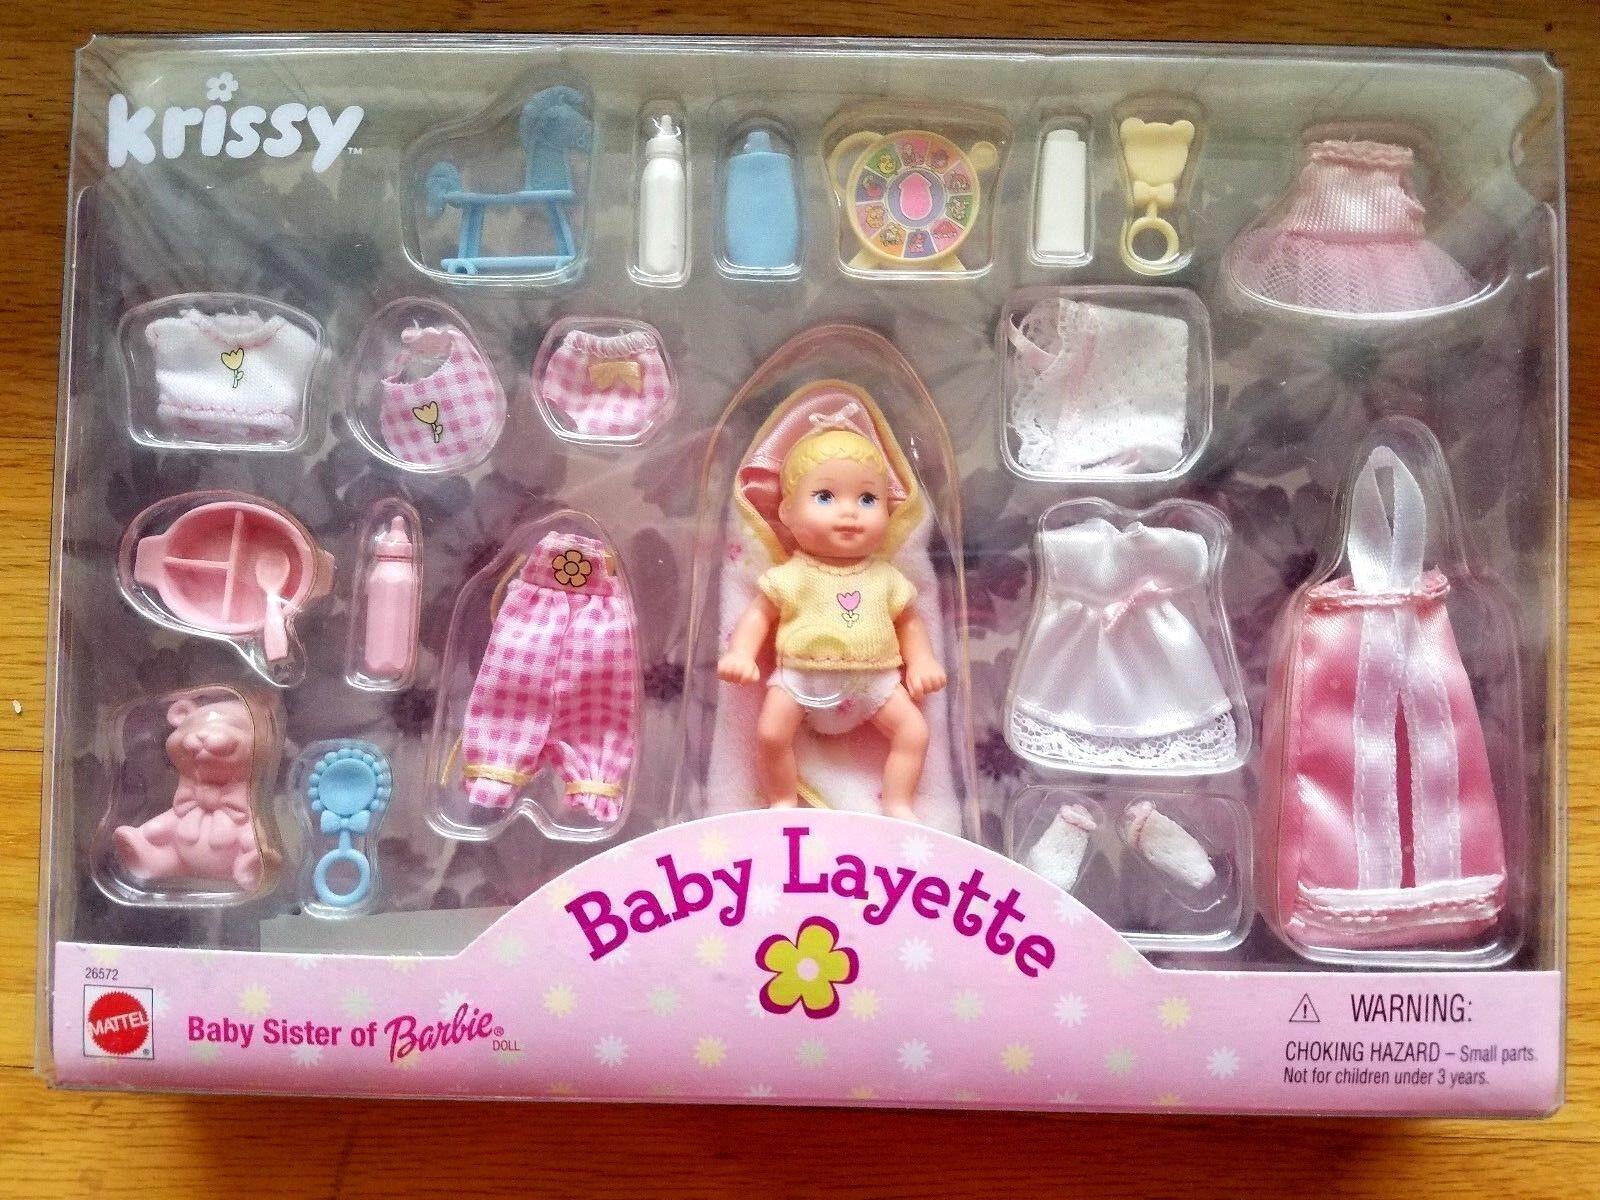 1999 Krissy Hermana De Barbie Bebé Layette 26572 Sellado nunca quitado de la caja